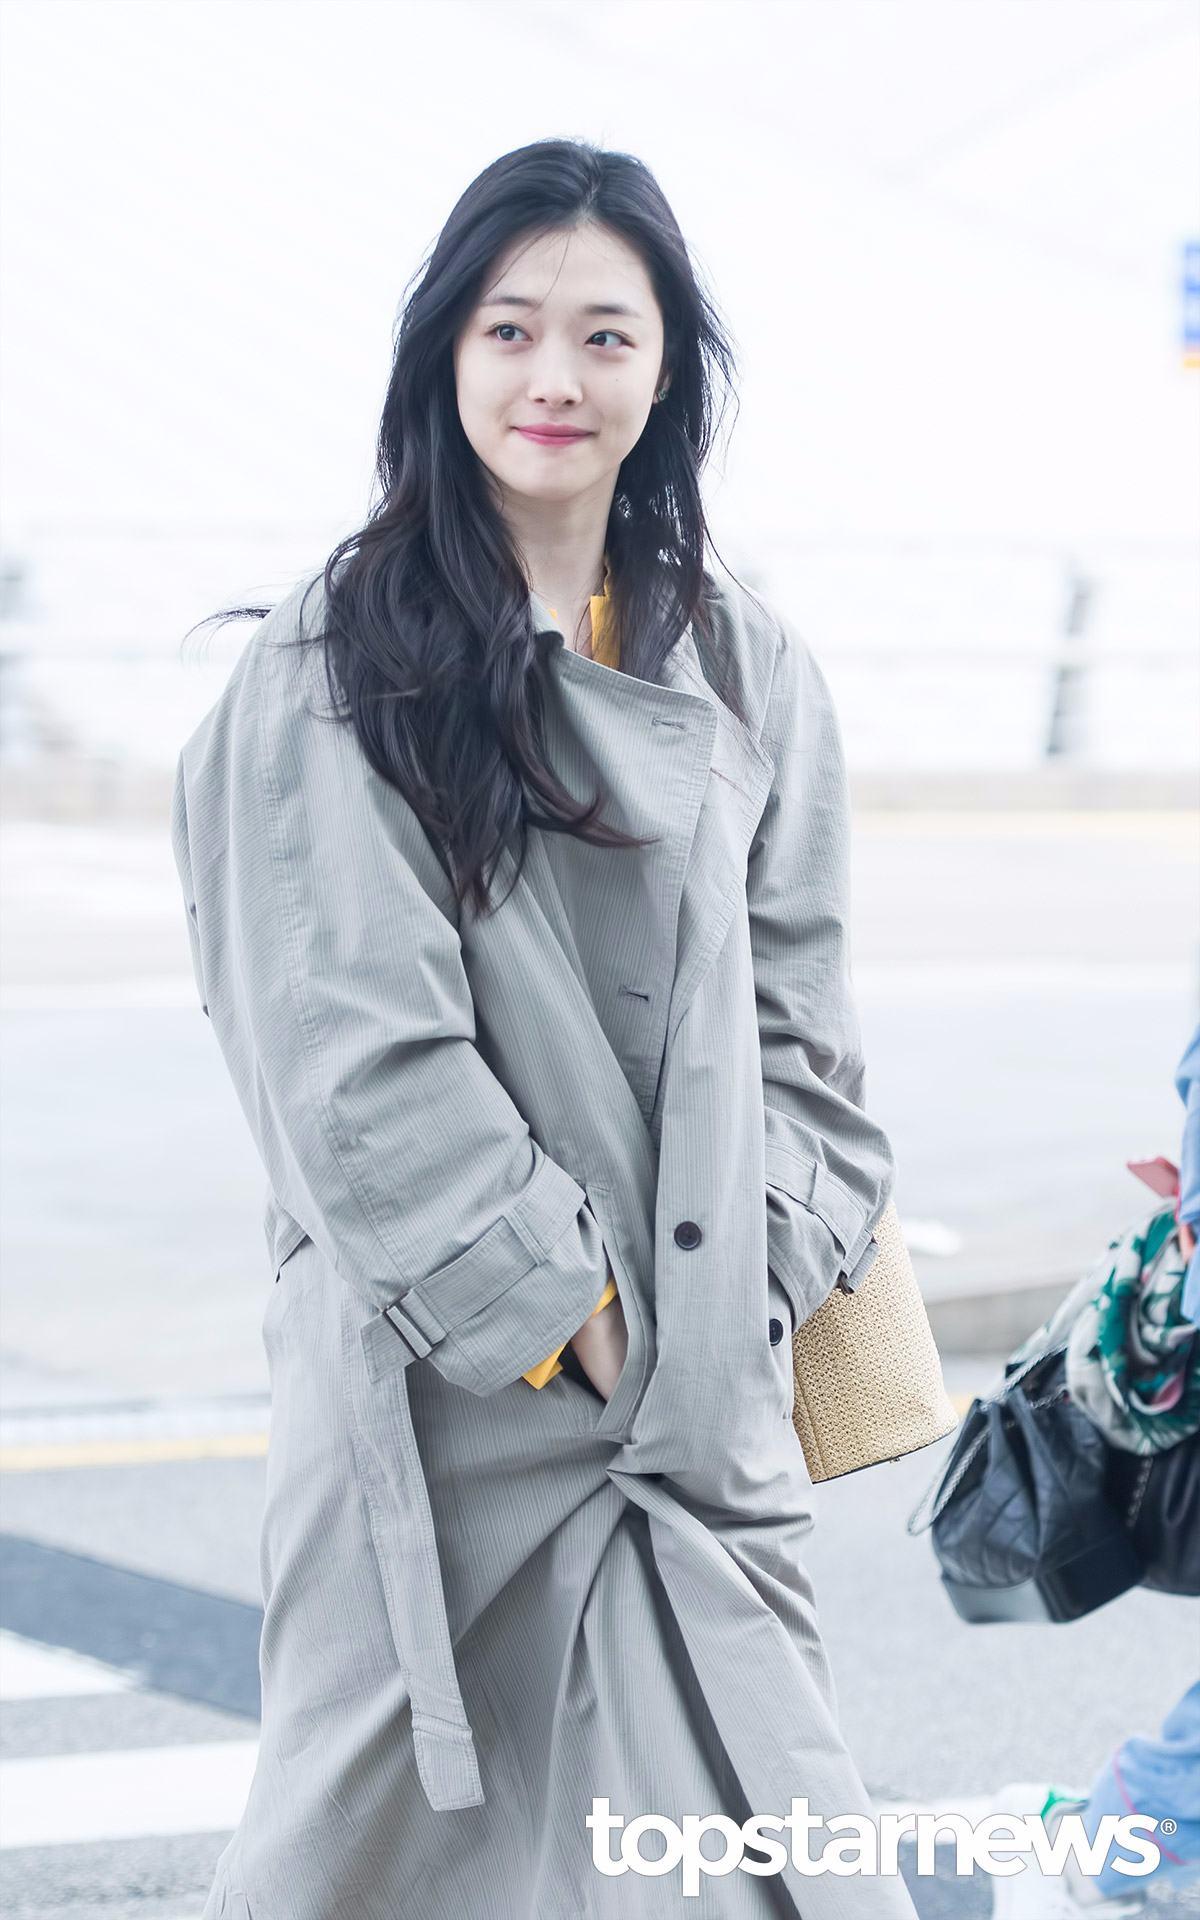 雪莉最近可以說是多項爭議的女主角.. 使得小編在韓網新聞上常常可以看到看到她的身影啊ㅠㅠ 但最近比起好消息,還是稍微負面的新聞多了那麼一些...